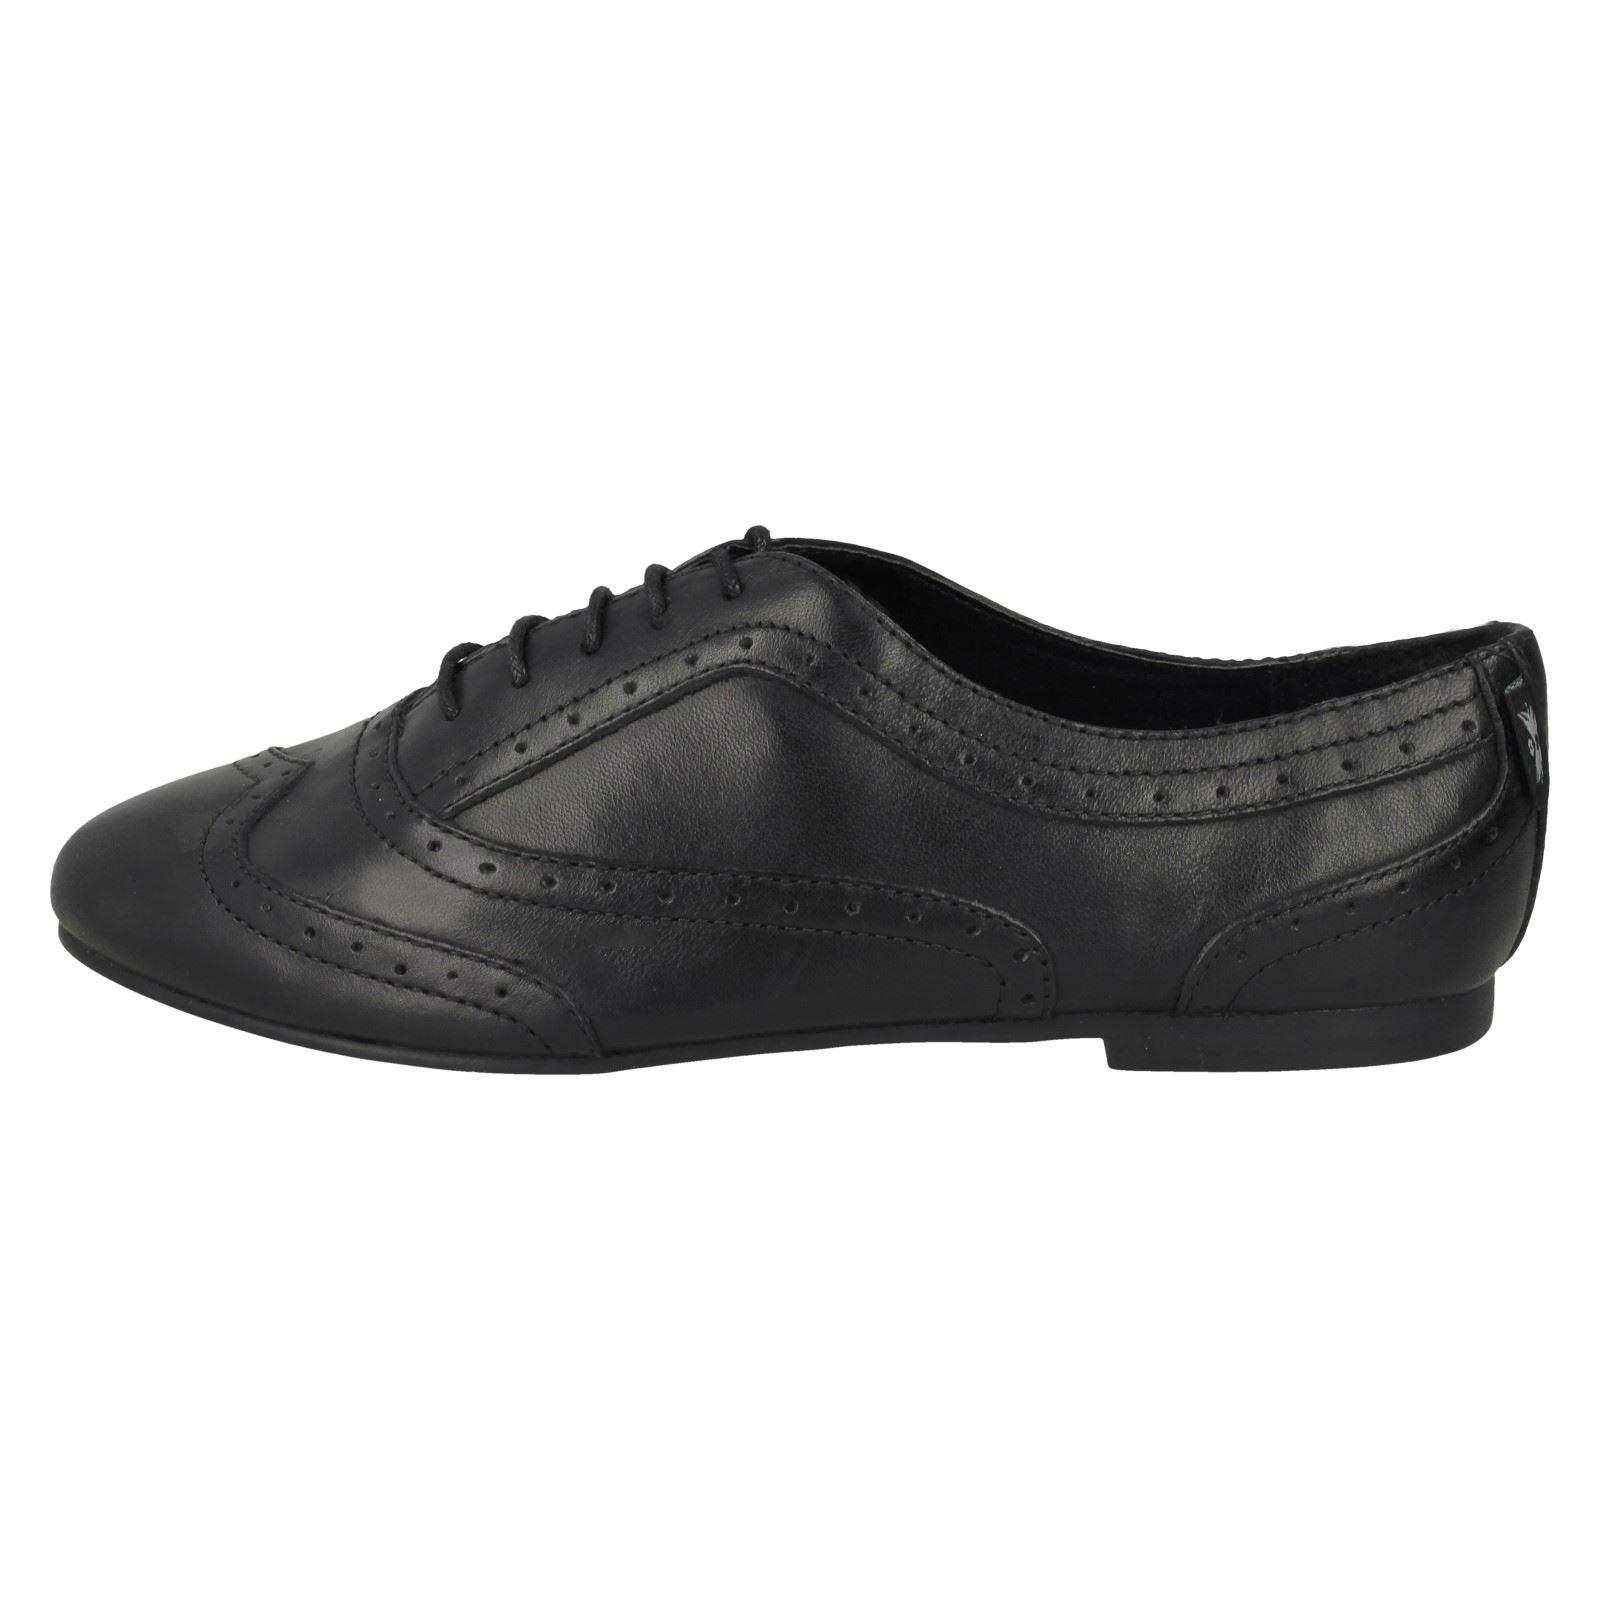 Colère Filles En Startrite Chaussures Chaussures Anges Par Anges Colère Startrite Par Habillées En Filles Habillées Uv0qwx